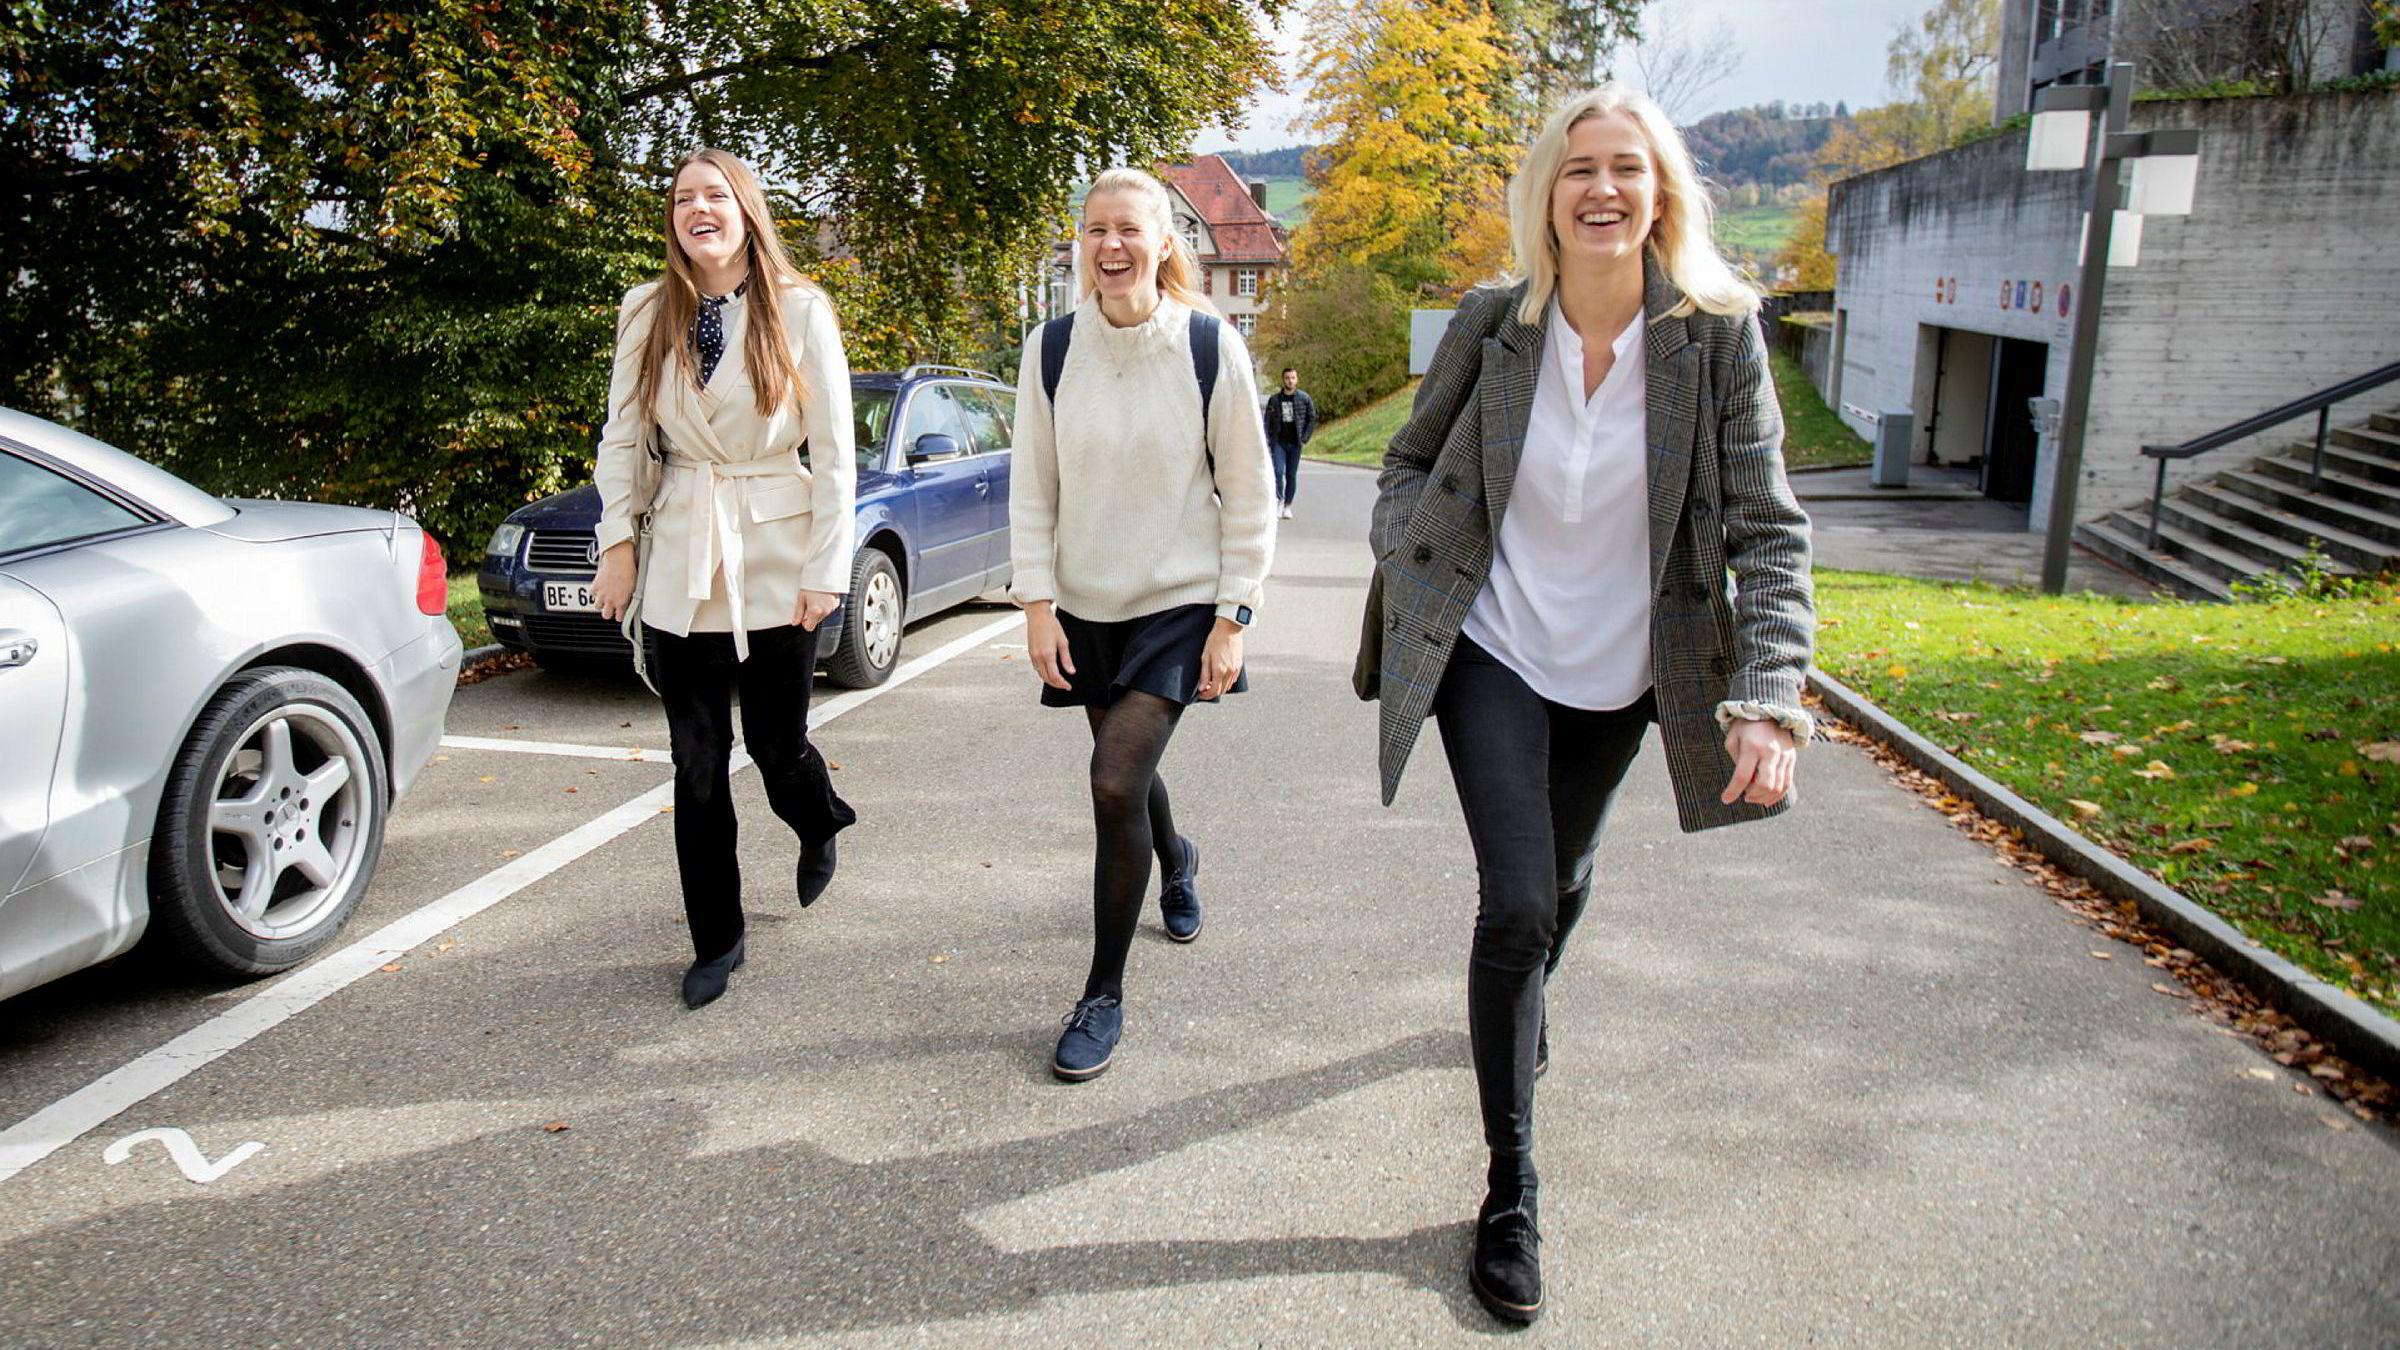 Fra venstre: Ina Helen Danielsen, Alma Botten og Ingvild Haakenstad Thoresen ved hovedbygningen på Universitetet i St. Gallen i Sveits, tre av et titall norske studenter på skolen nå i høst.